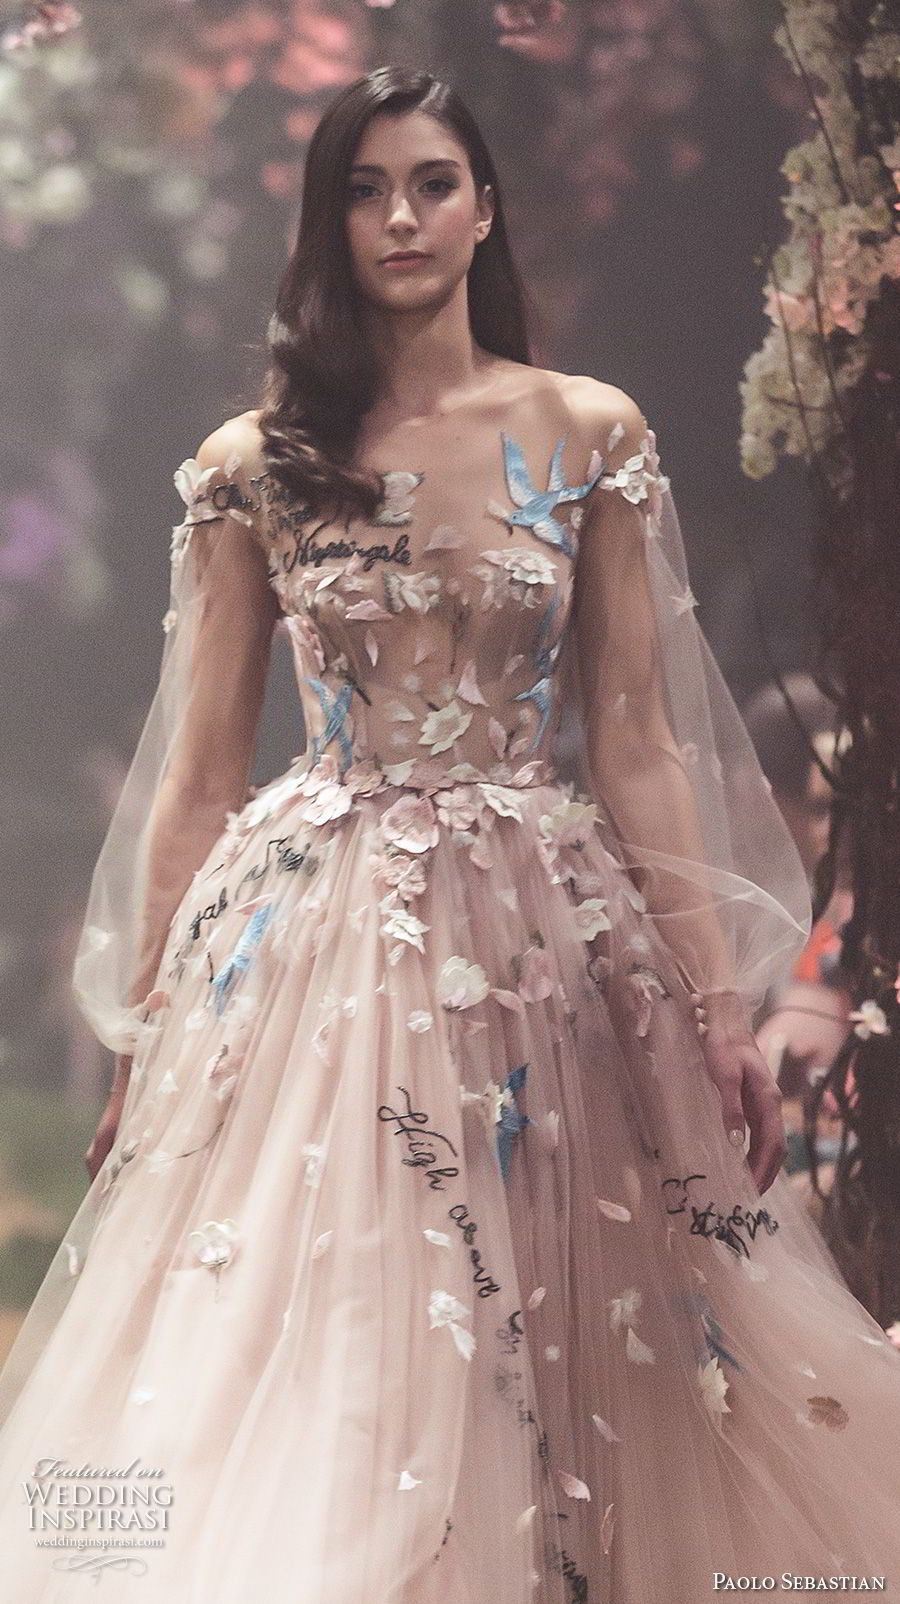 Paolo Sebastian Vinatge Prom Dresses Long Sleeves Flower Embroidery Tea Length